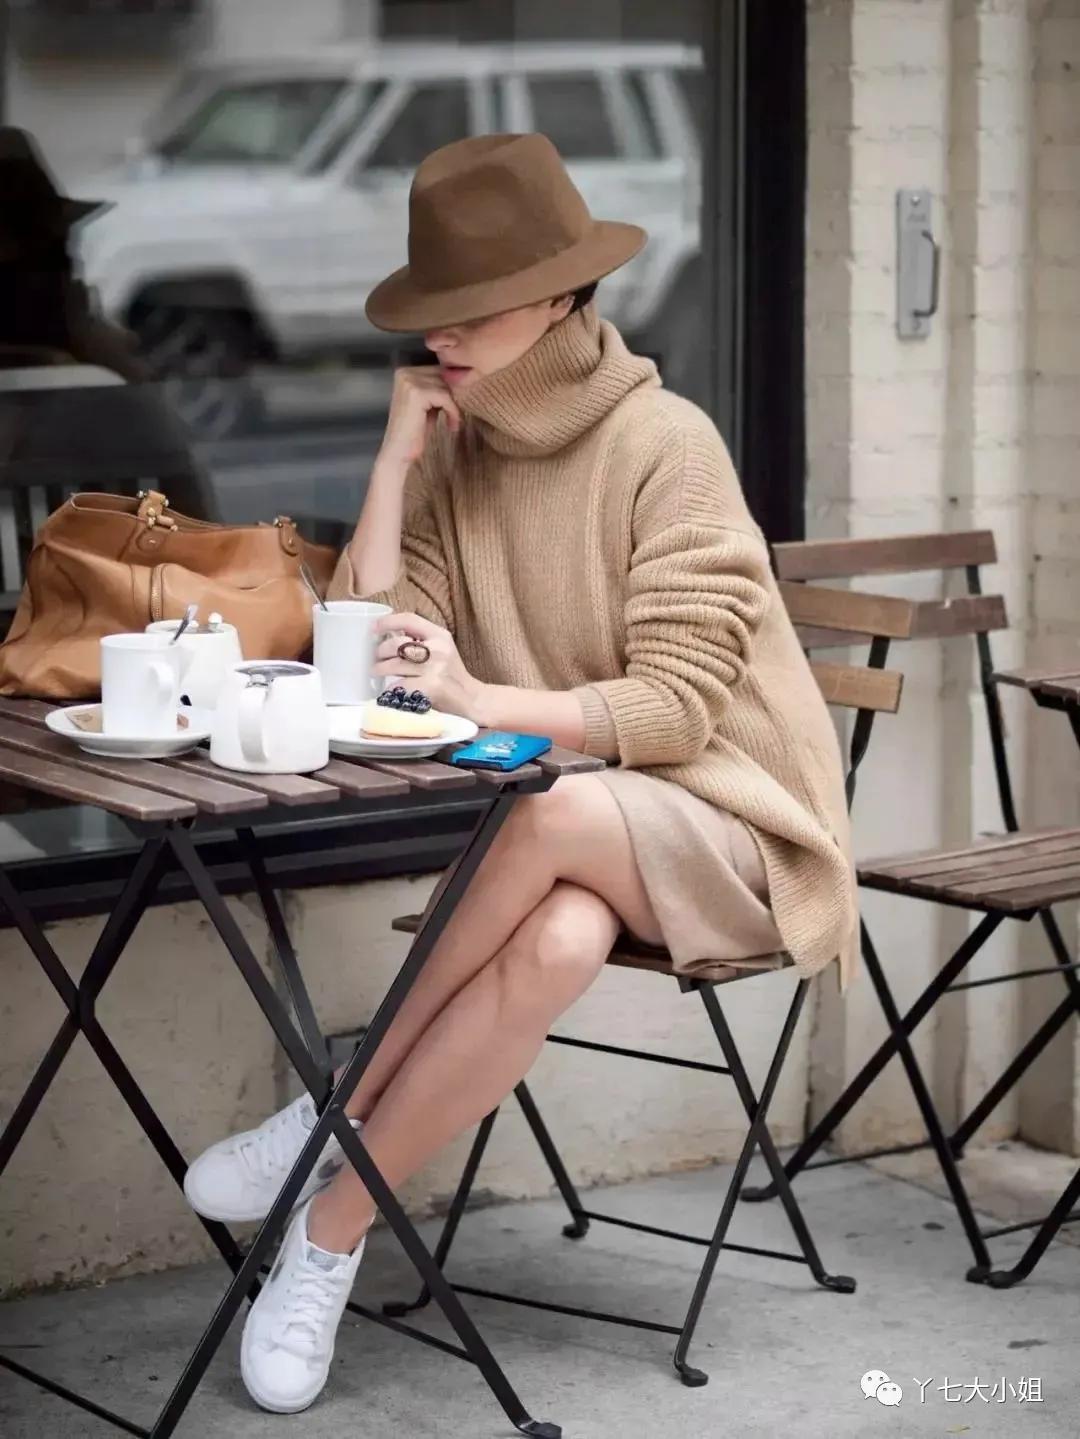 5 món trang phục màu trà sữa biến style thành siêu cấp sang trọng chỉ trong nháy mắt - Ảnh 5.